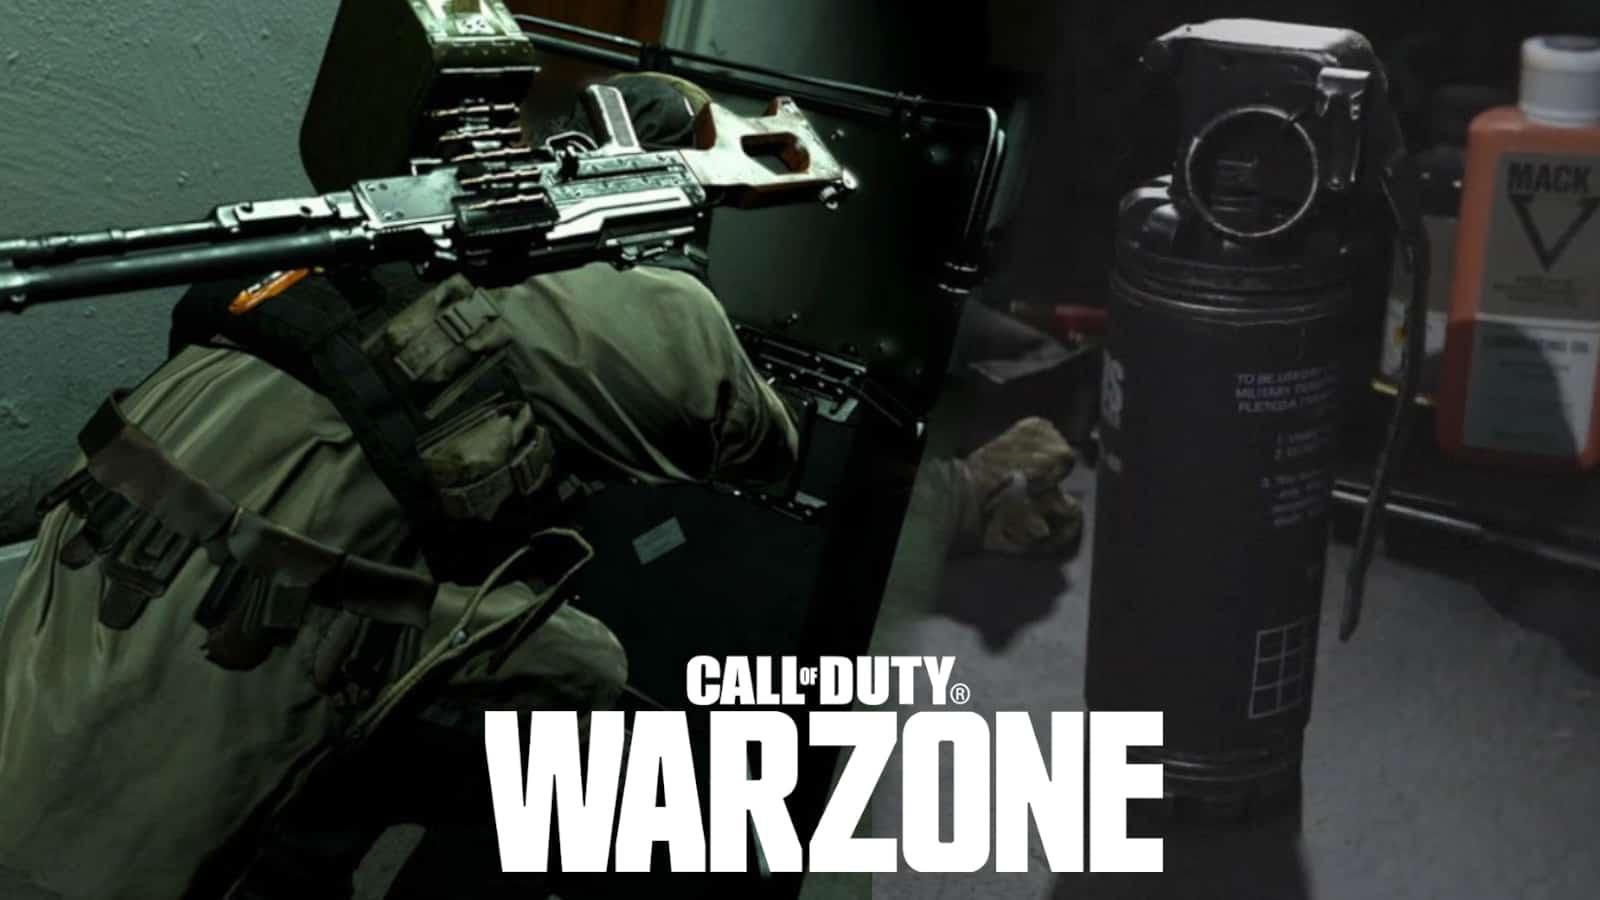 Le duo Warzone montre à quel point les flashs peuvent être cassés